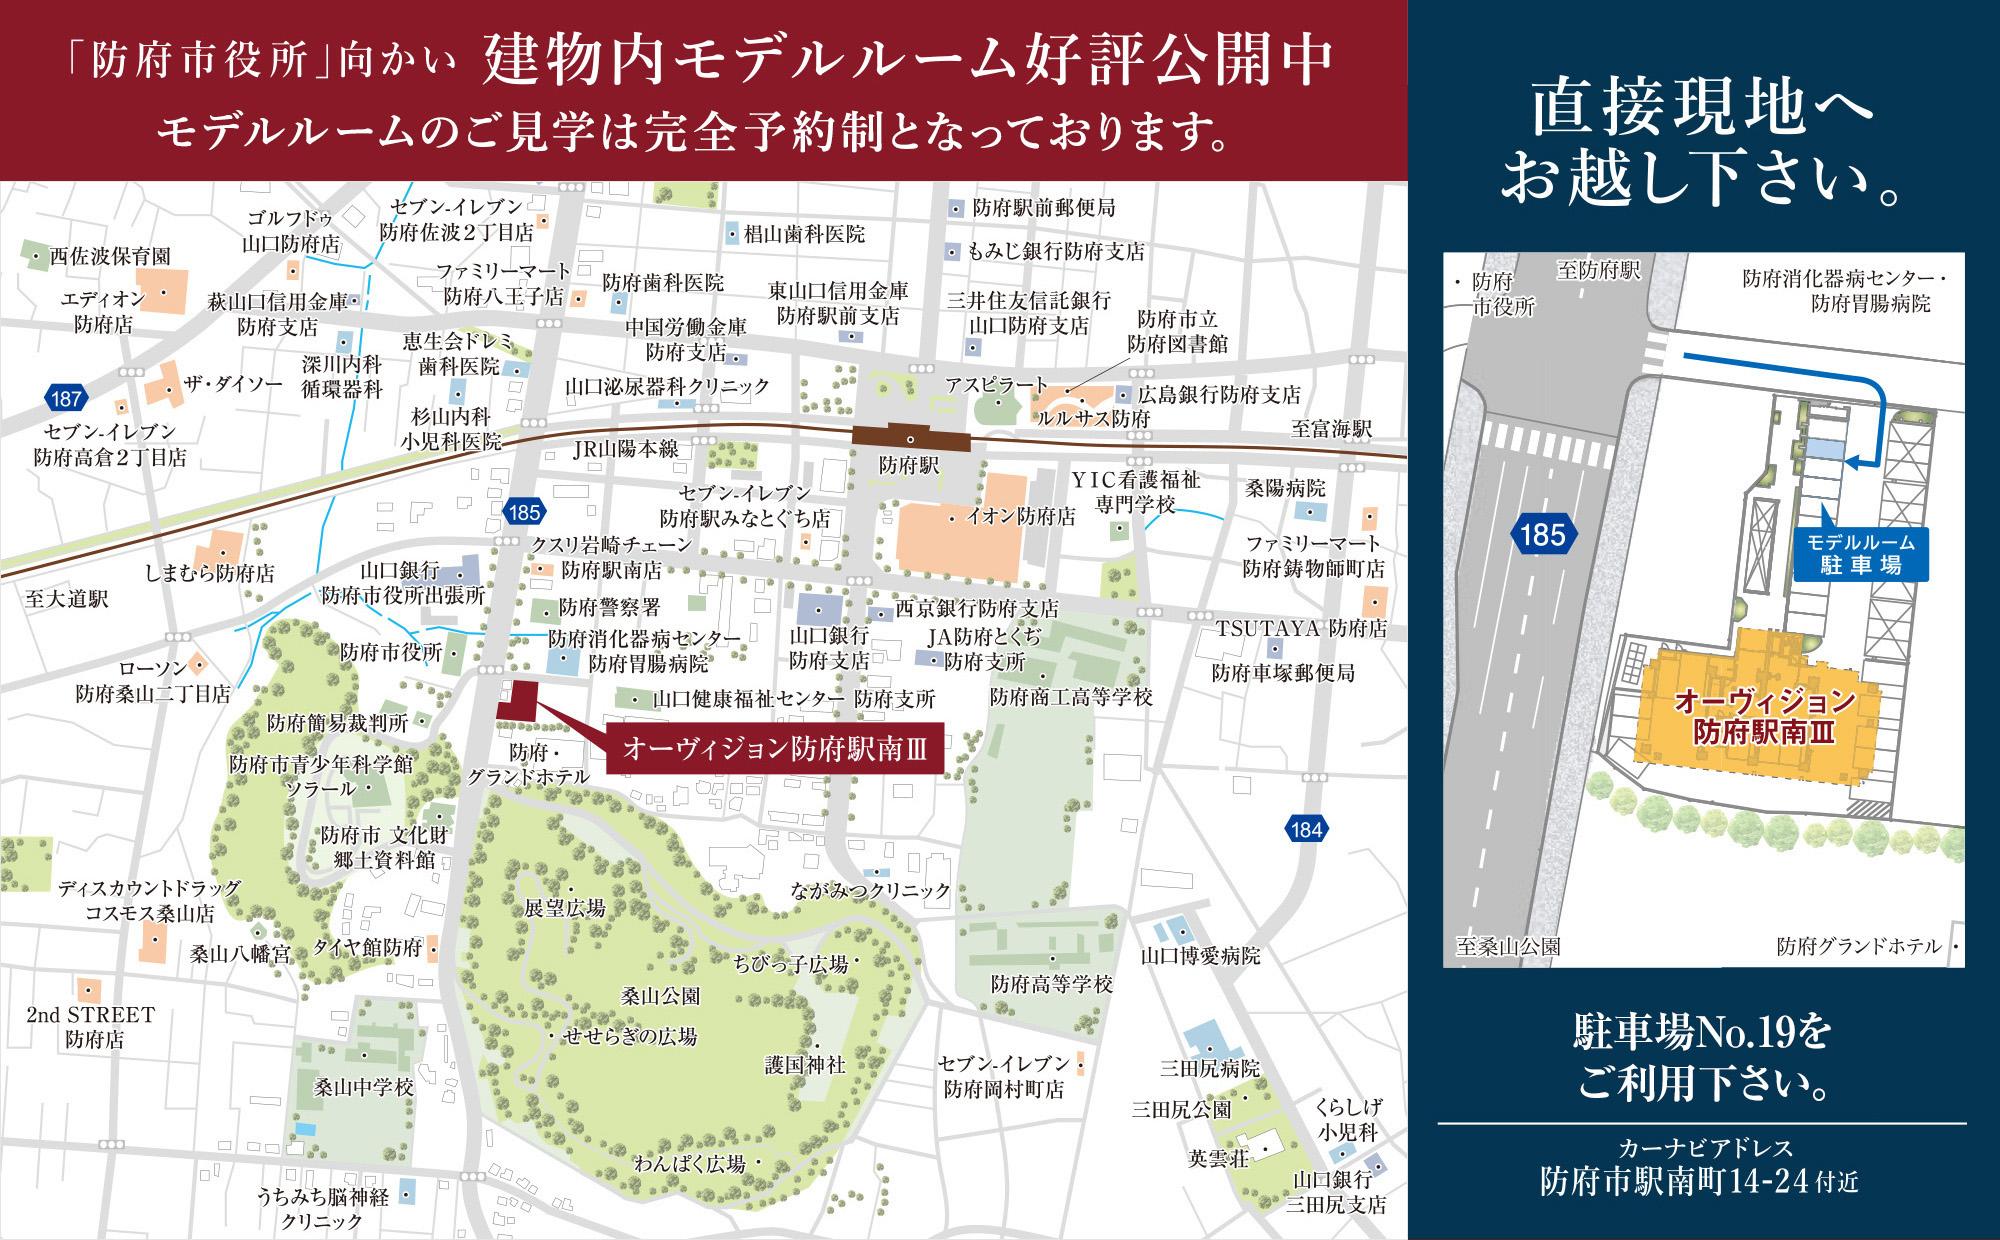 オーヴィジョン防府駅南III:モデルルーム地図